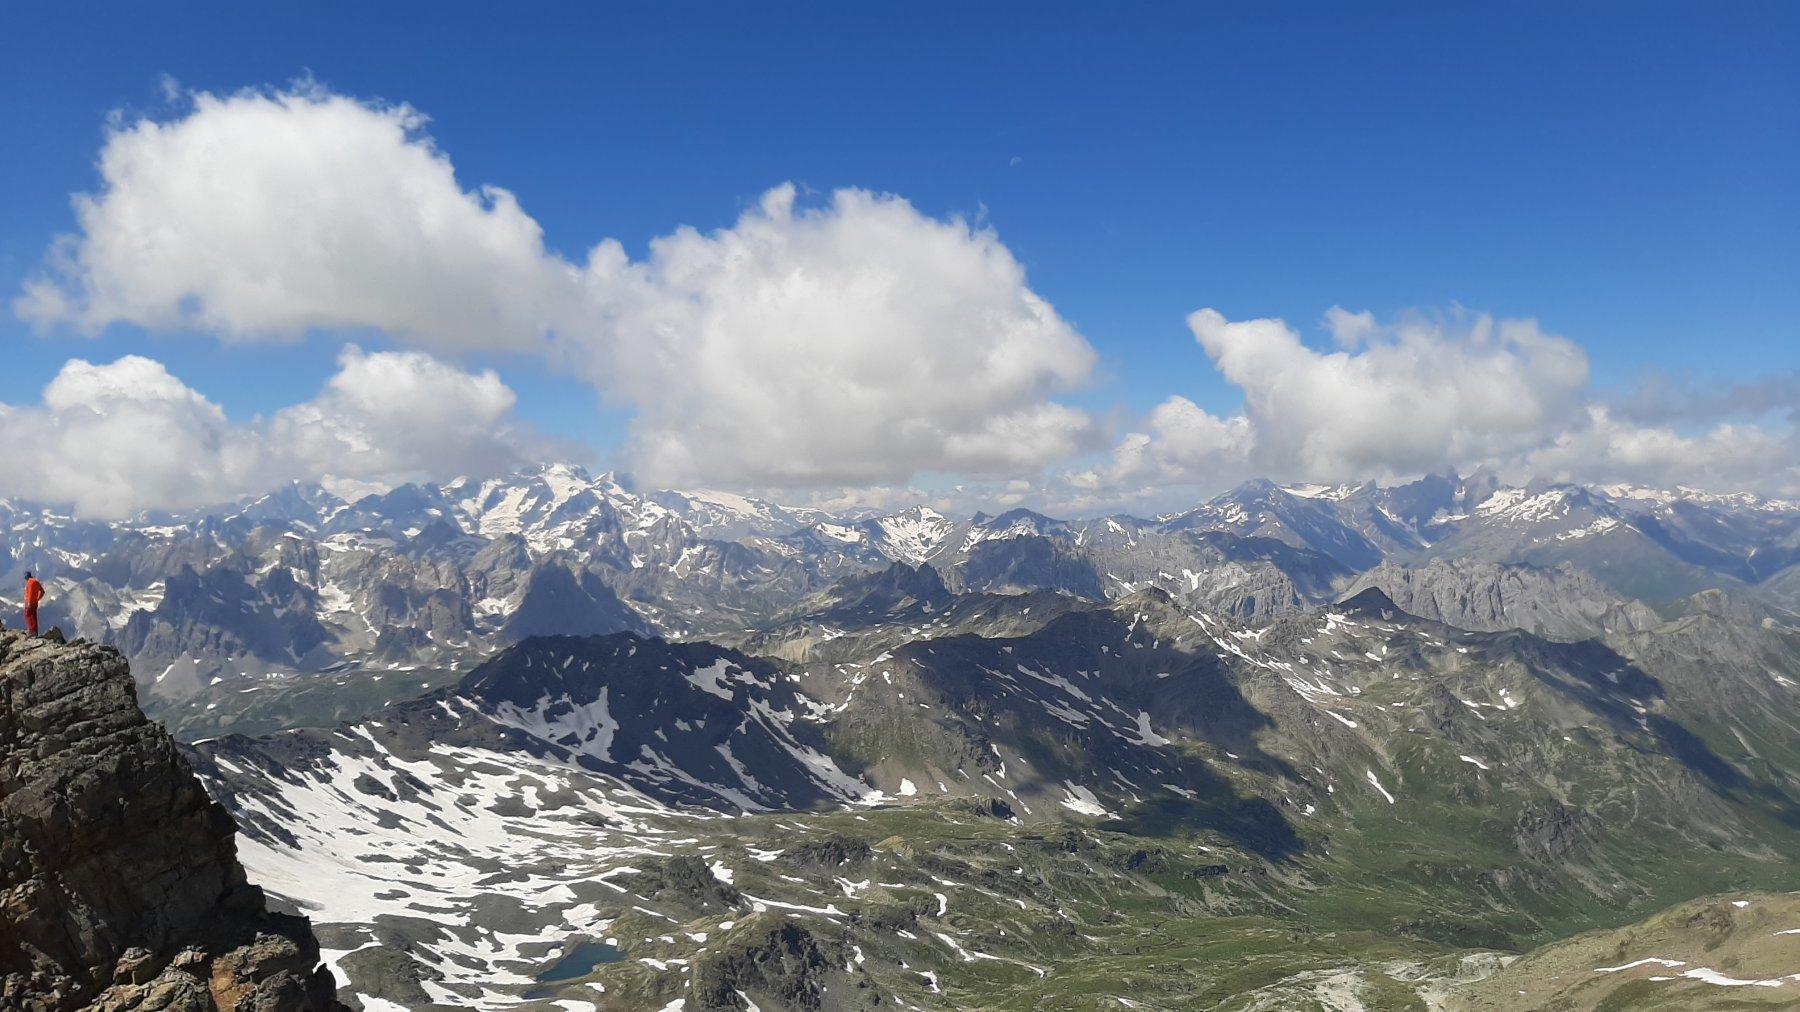 Le vette degli Ecrins coperte dalle nubi ...